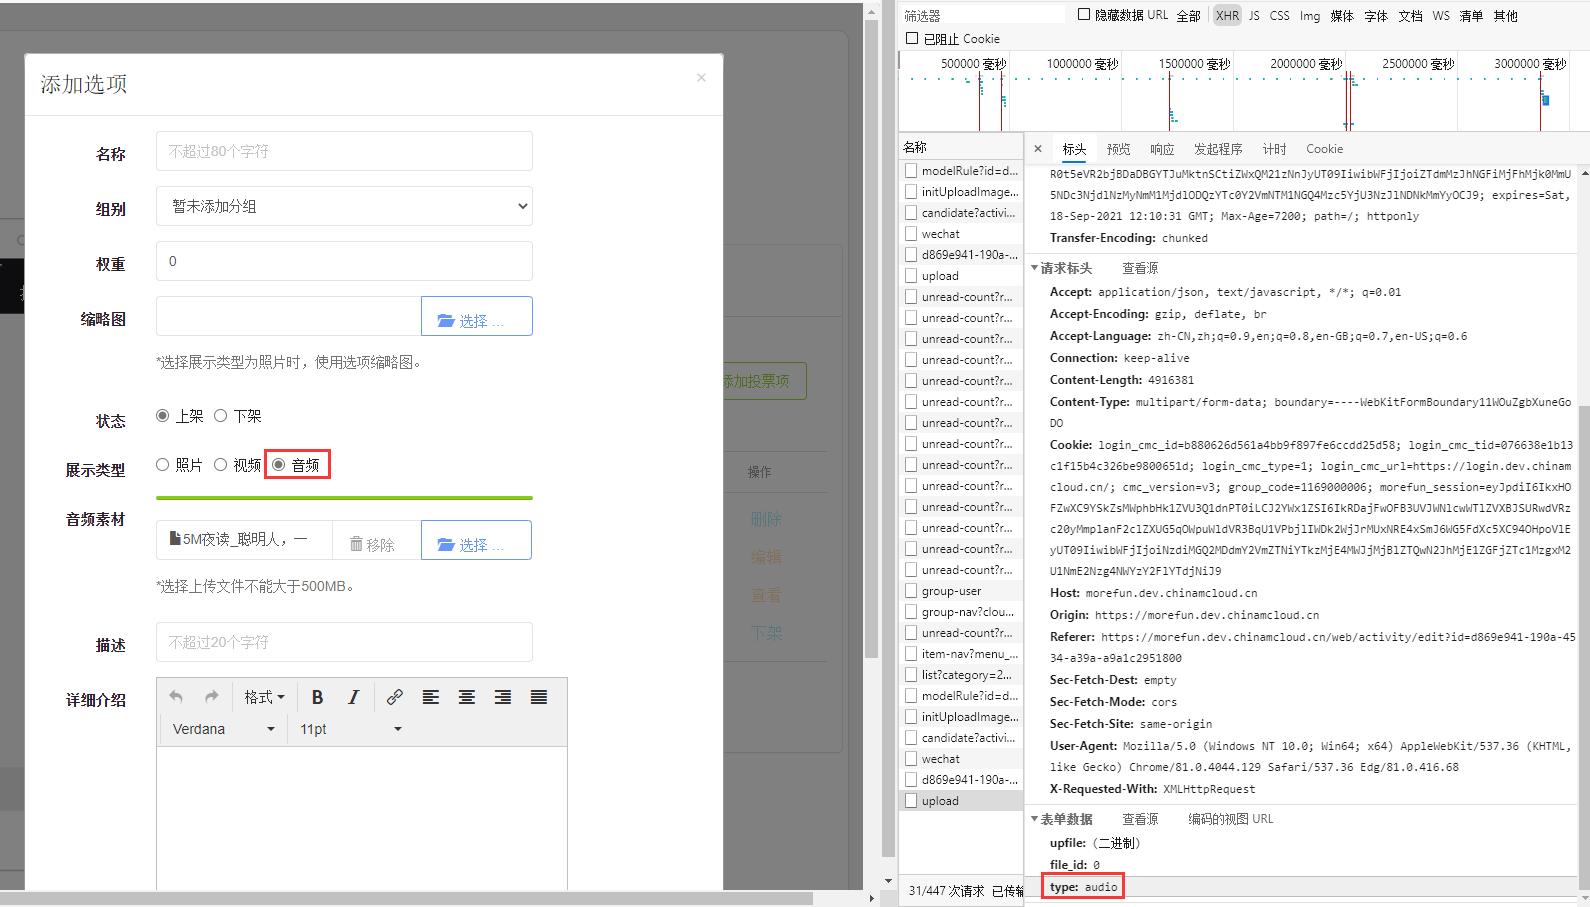 在调整此函数时,基于单选按钮的选择,再增加一个函数参数 $type 就可以实现预期的文件类型的效果。function initUploadMediaFile(id, type, filetype) 。符合预期。